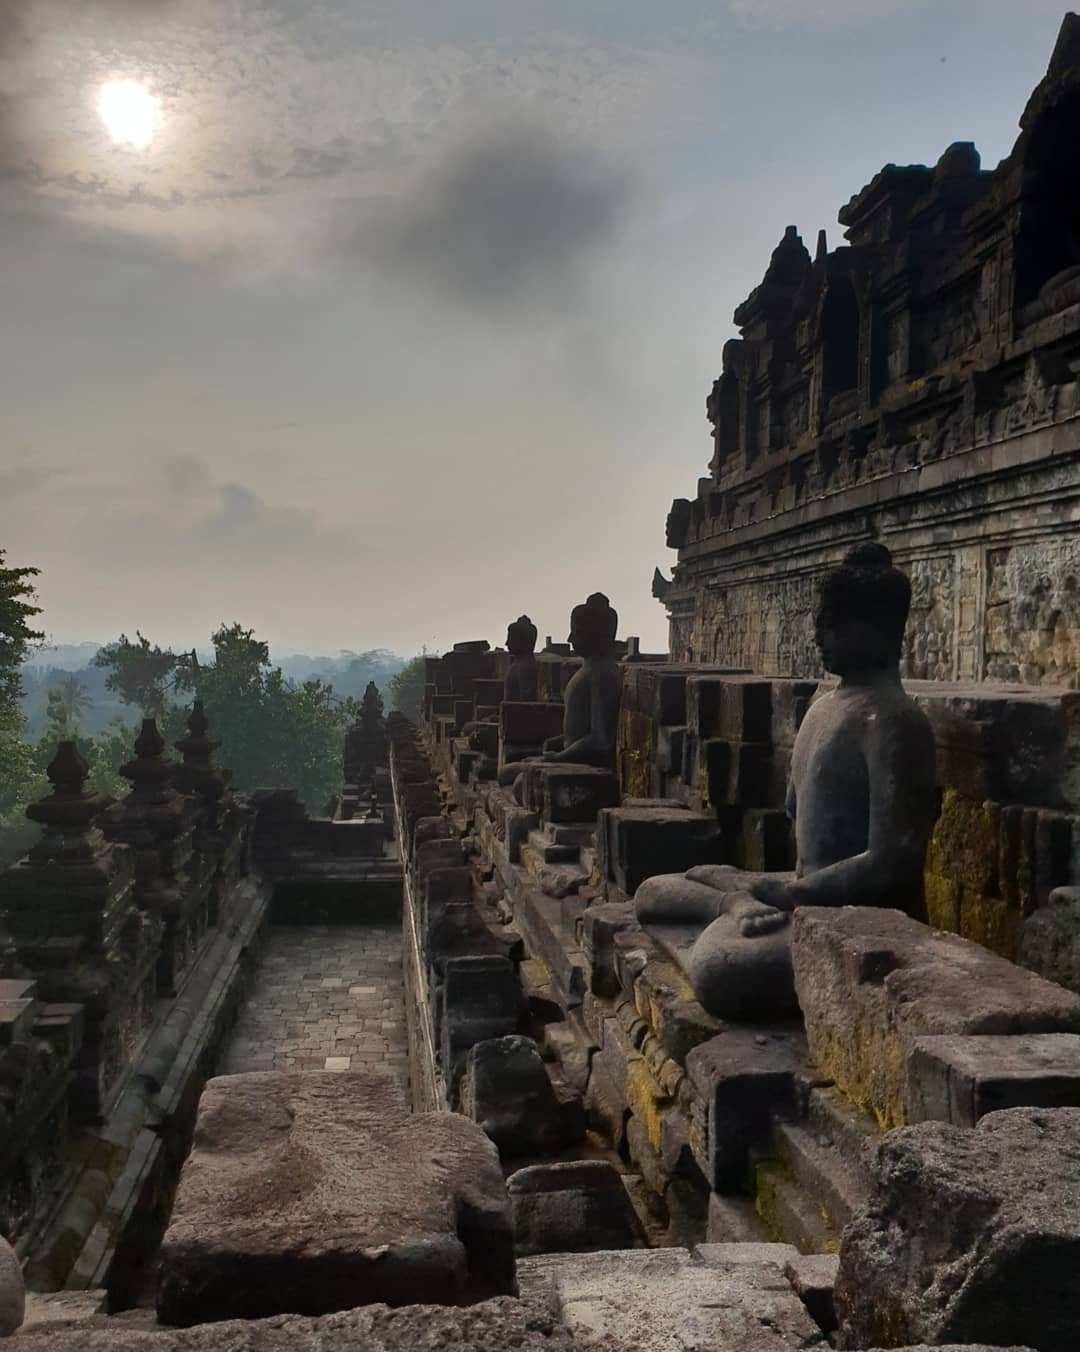 Bagian Pinggir dari Candi Borobudur, Images From @cachan08